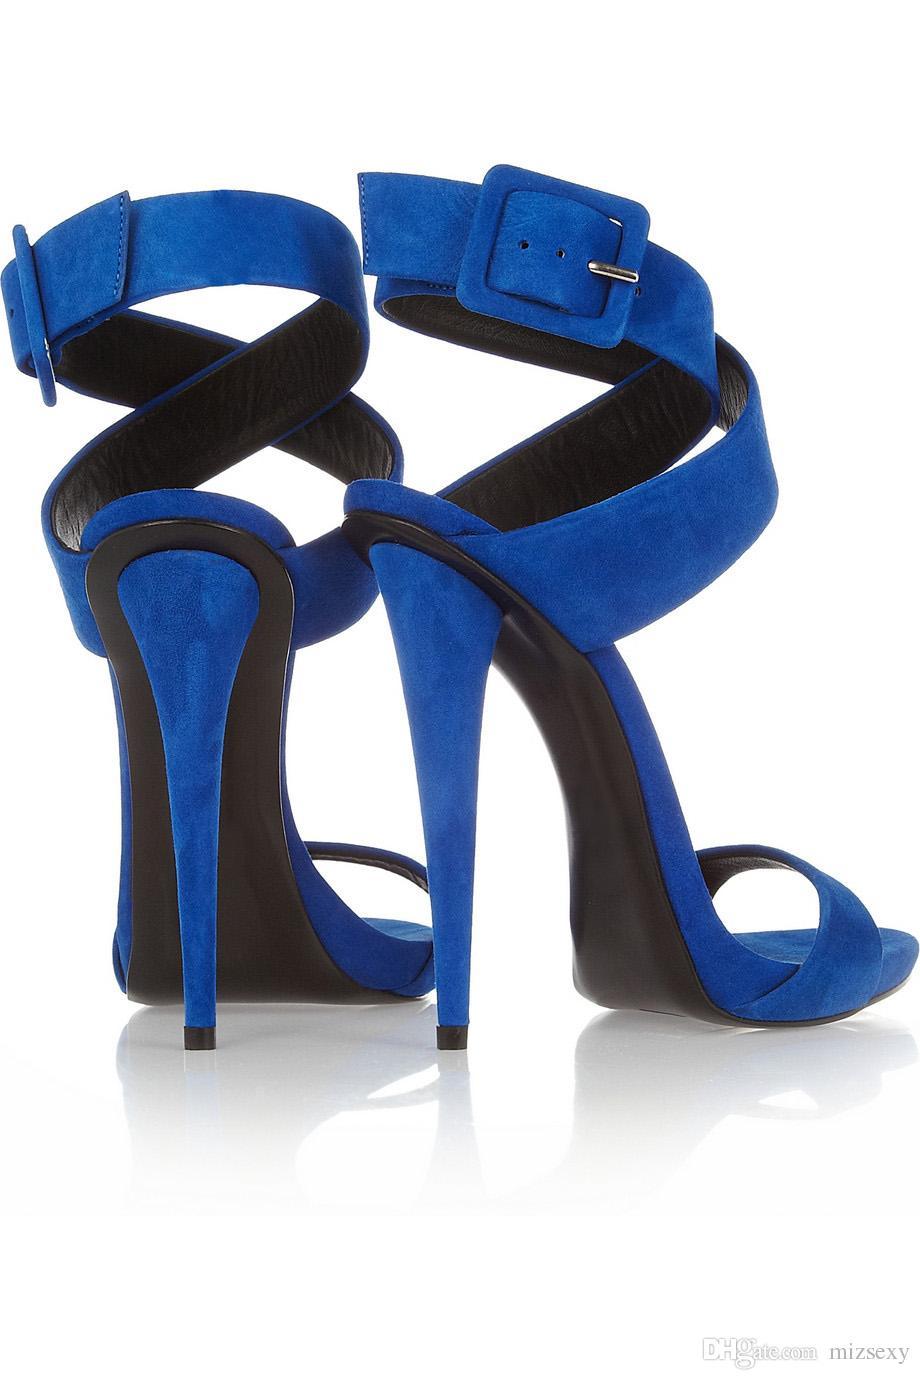 디자이너 2018 신사복 신발 샌들 엿봄 발가락 버클 크로스 묶인 하이힐 신발 여성 feminino melissa 여성 sandalia 파티 신발